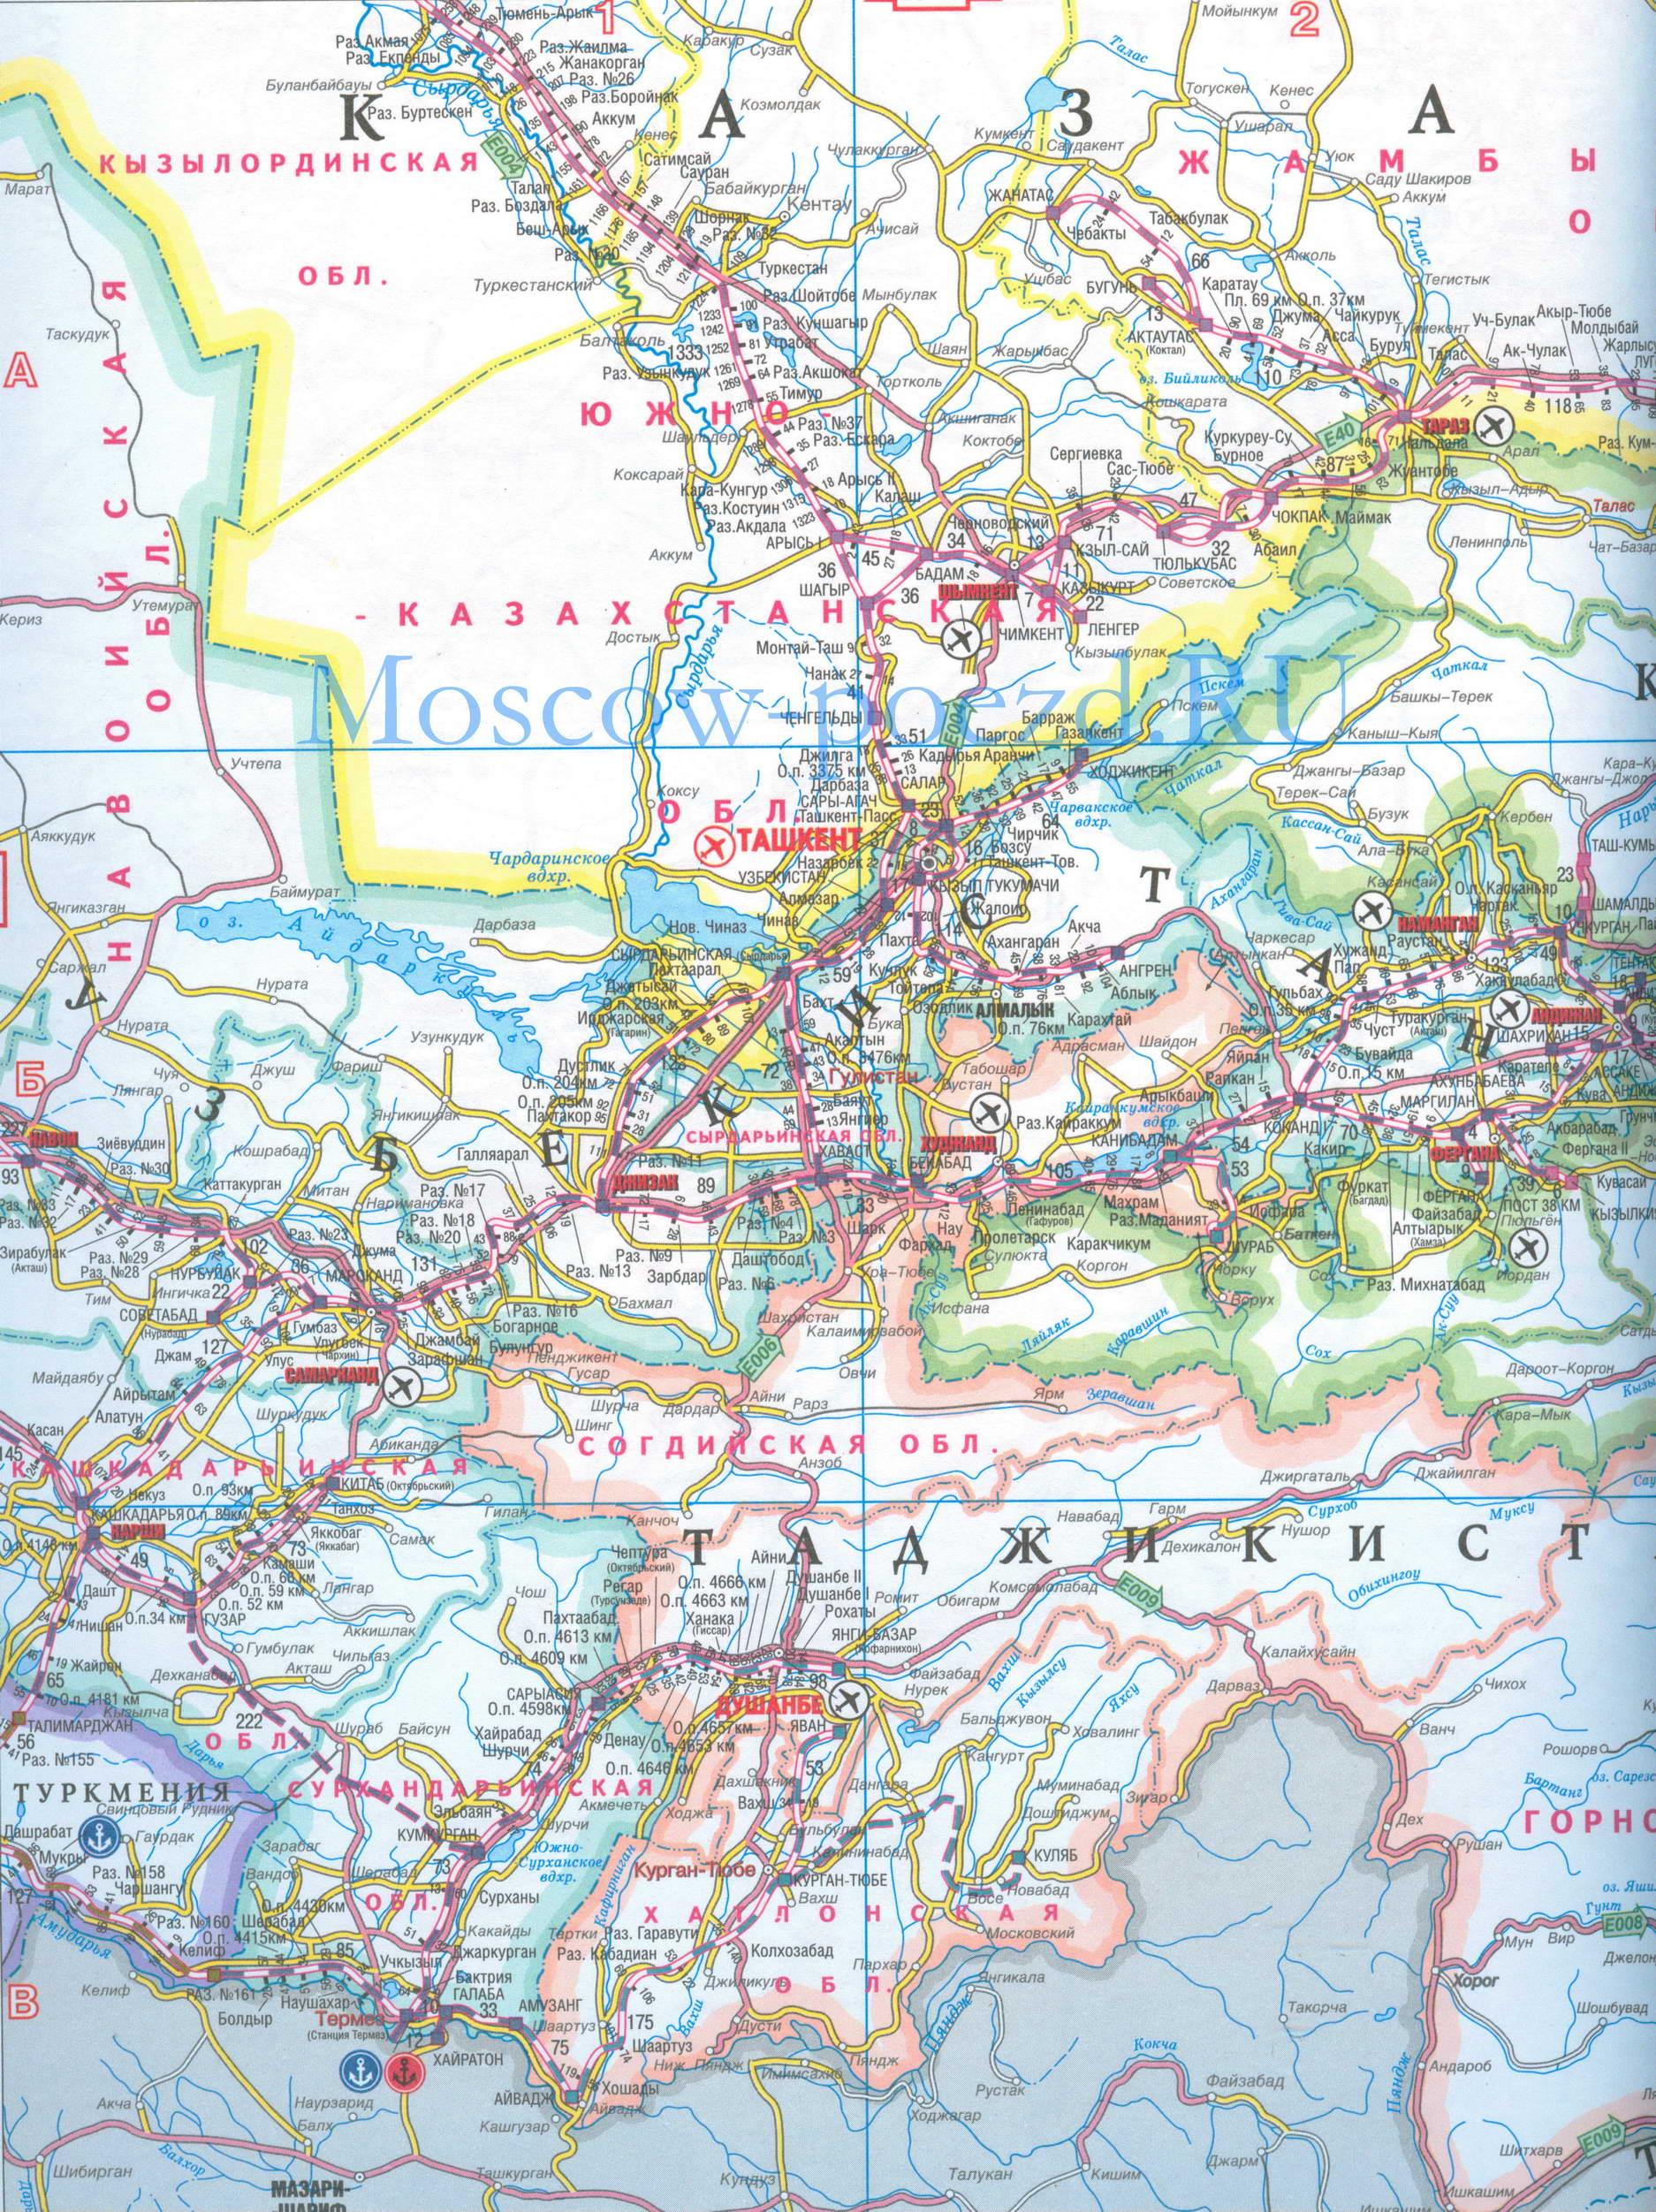 карта шосссейных дорог киргизии участке